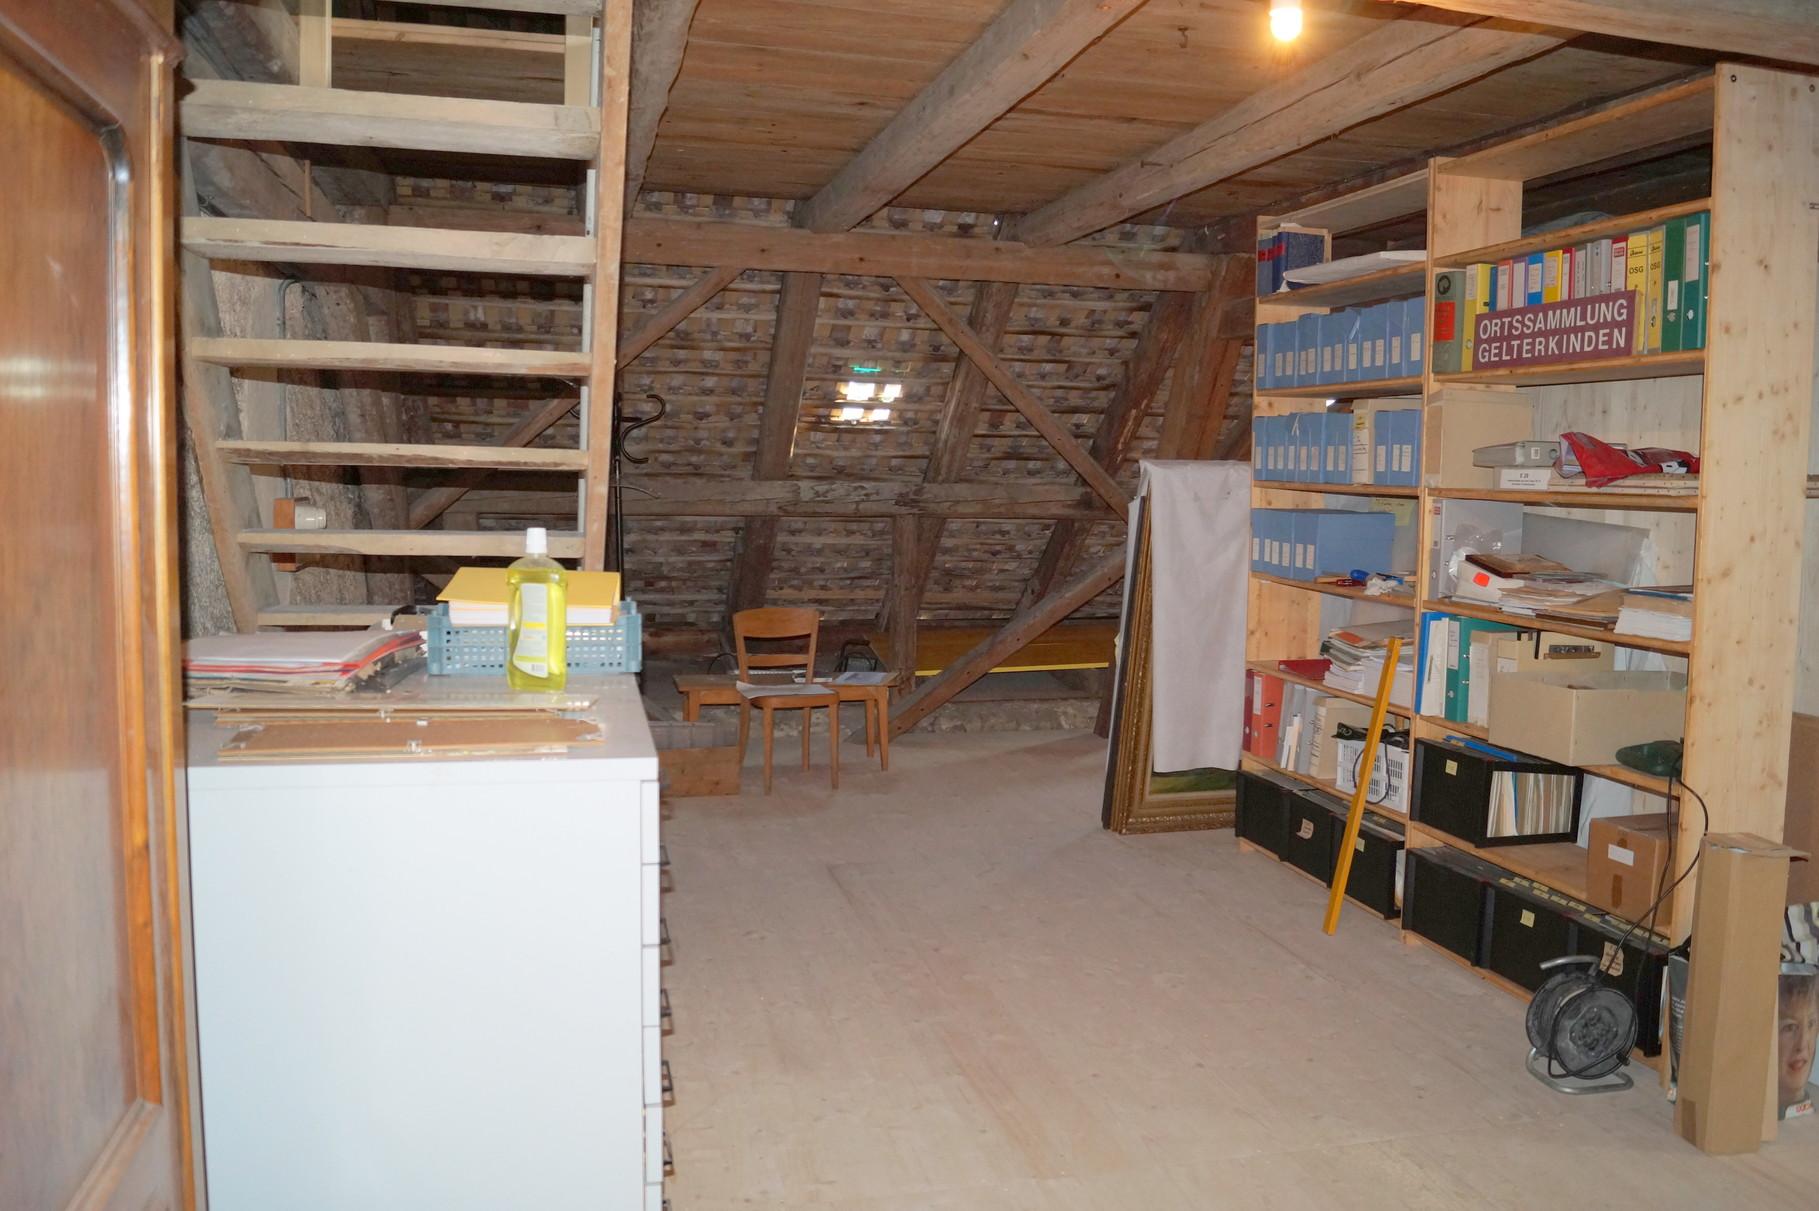 Der Archivraum wurde als freistehende Zelle auf den gedämmten Estrichboden gebaut